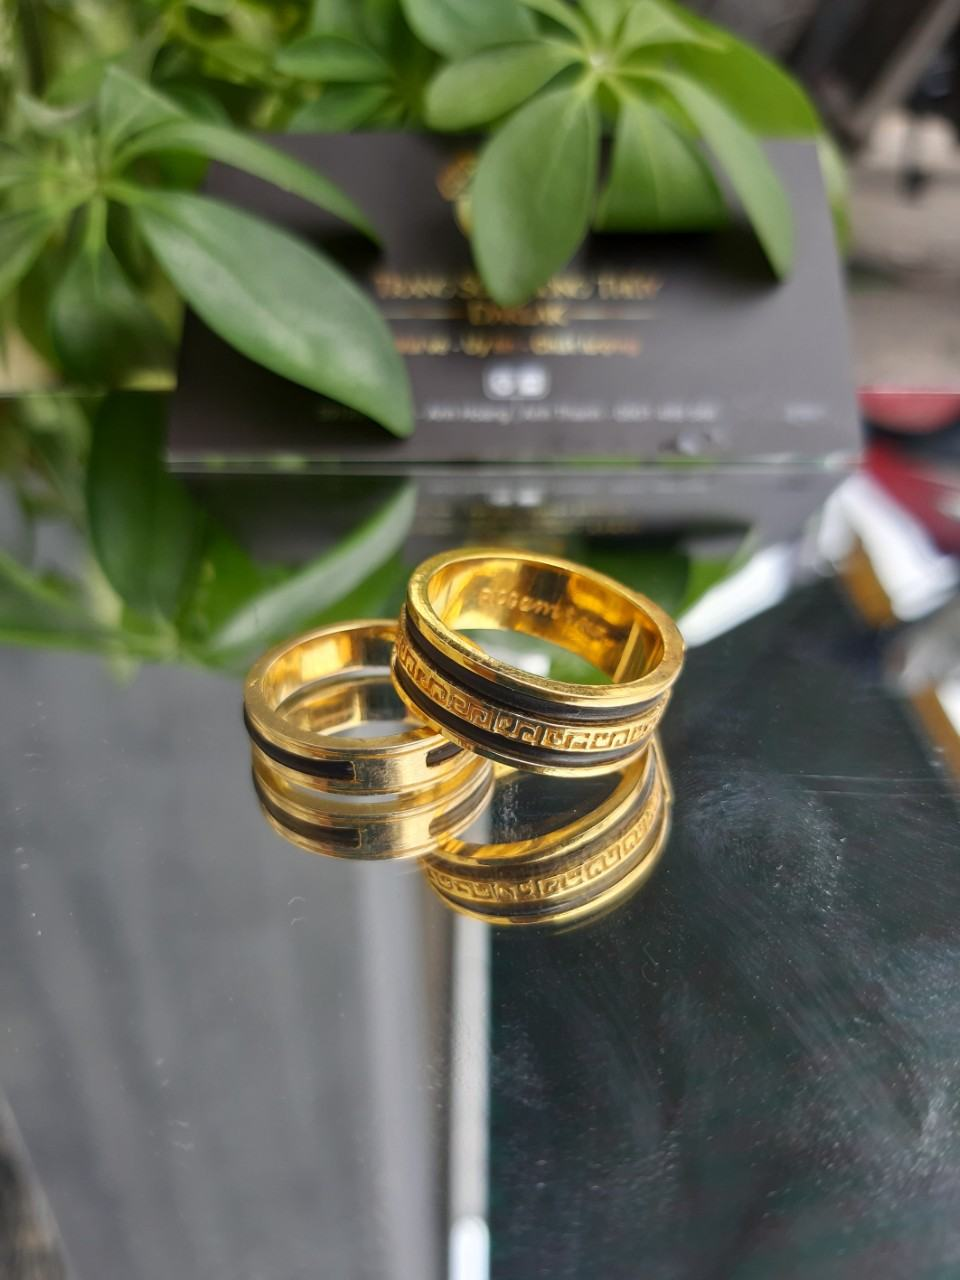 Nhẫn lông voi kép chạy hoa văn giữa giá rẻ